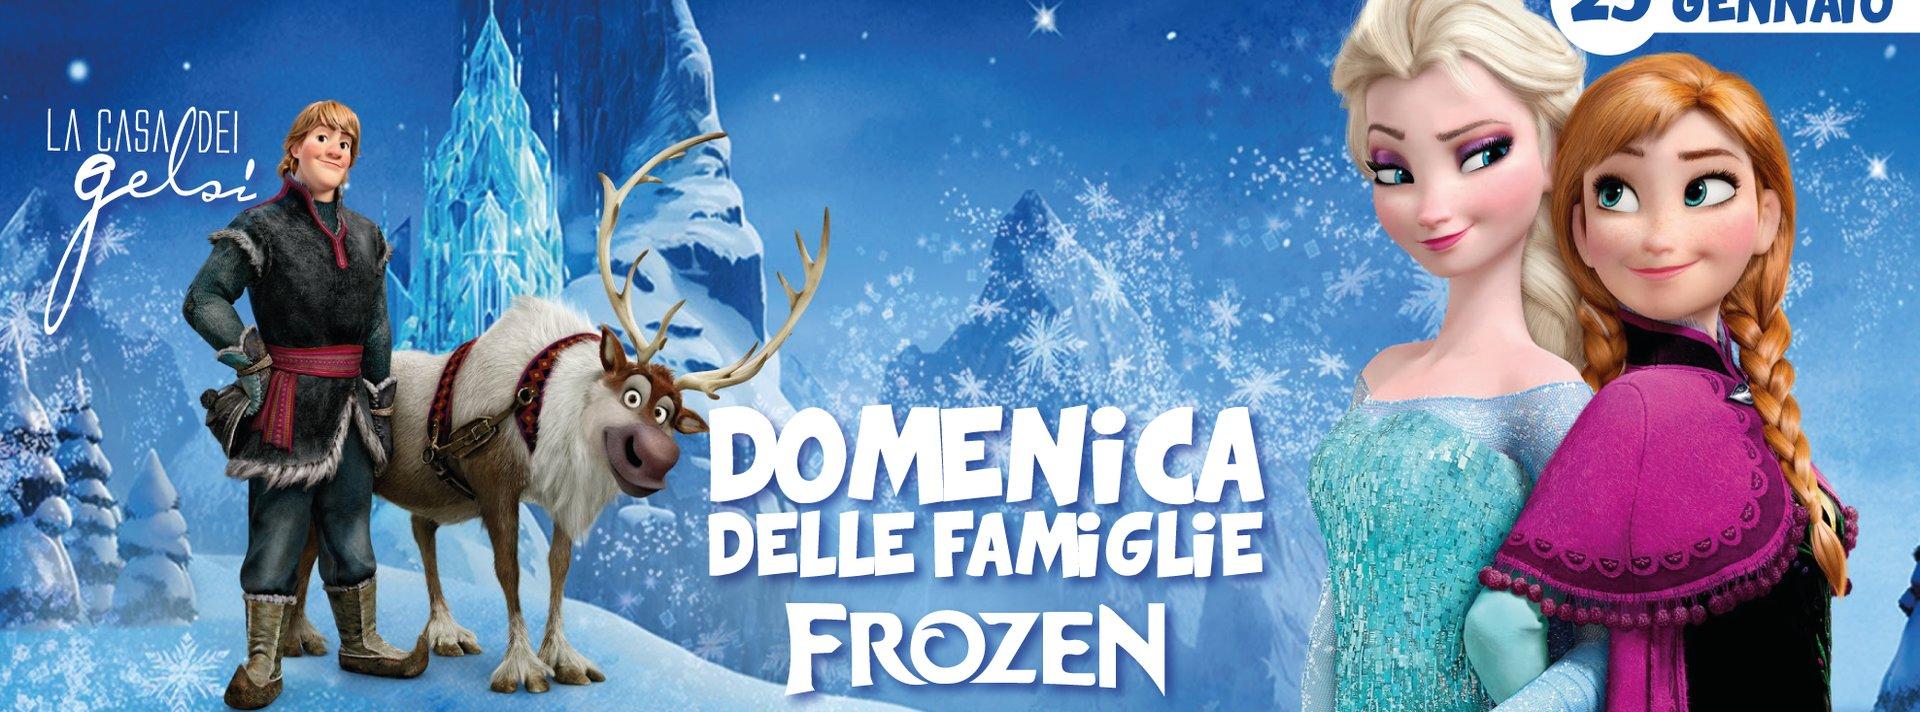 Frozen alla Domenica delle Famiglie dei Gelsi - 29